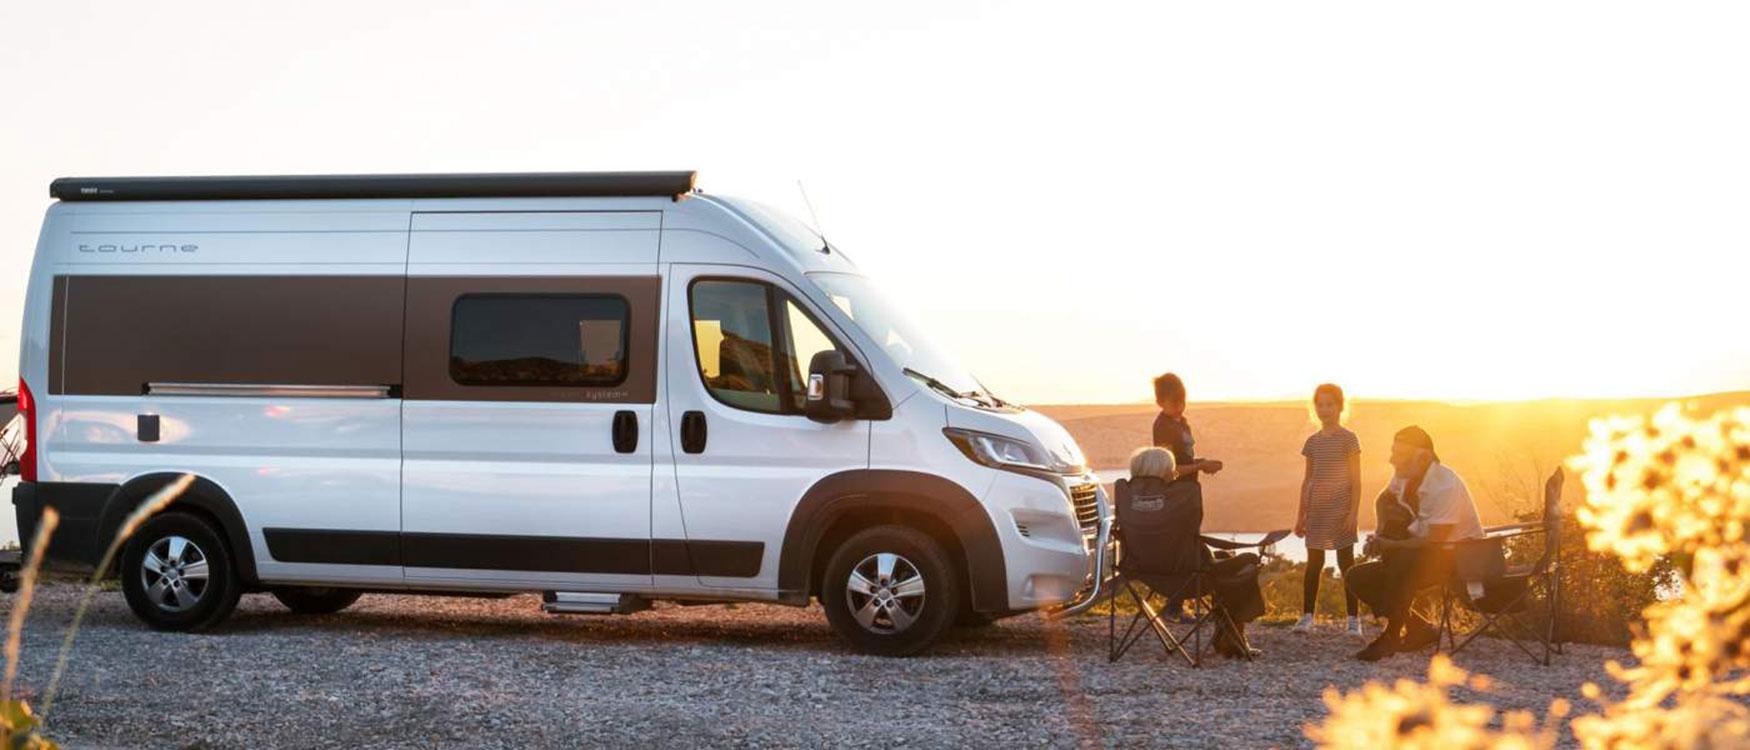 Wohnmobil kaufen oder selber ausbauen – die Wahl des richtigen Campers!